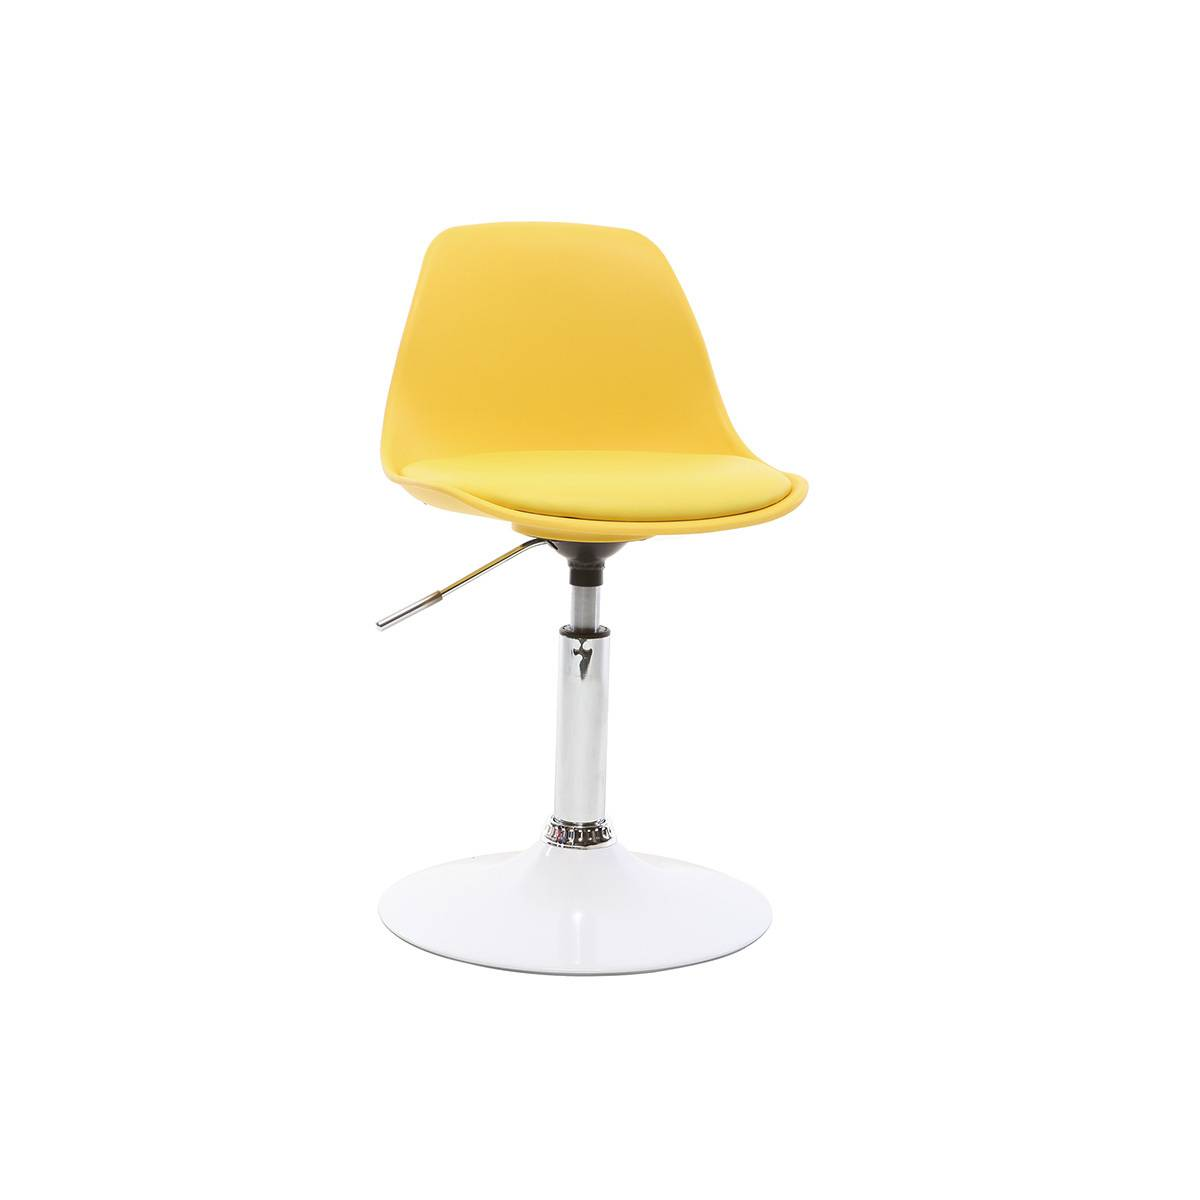 Miliboo Chaise de bureau design enfant jaune STEEVY